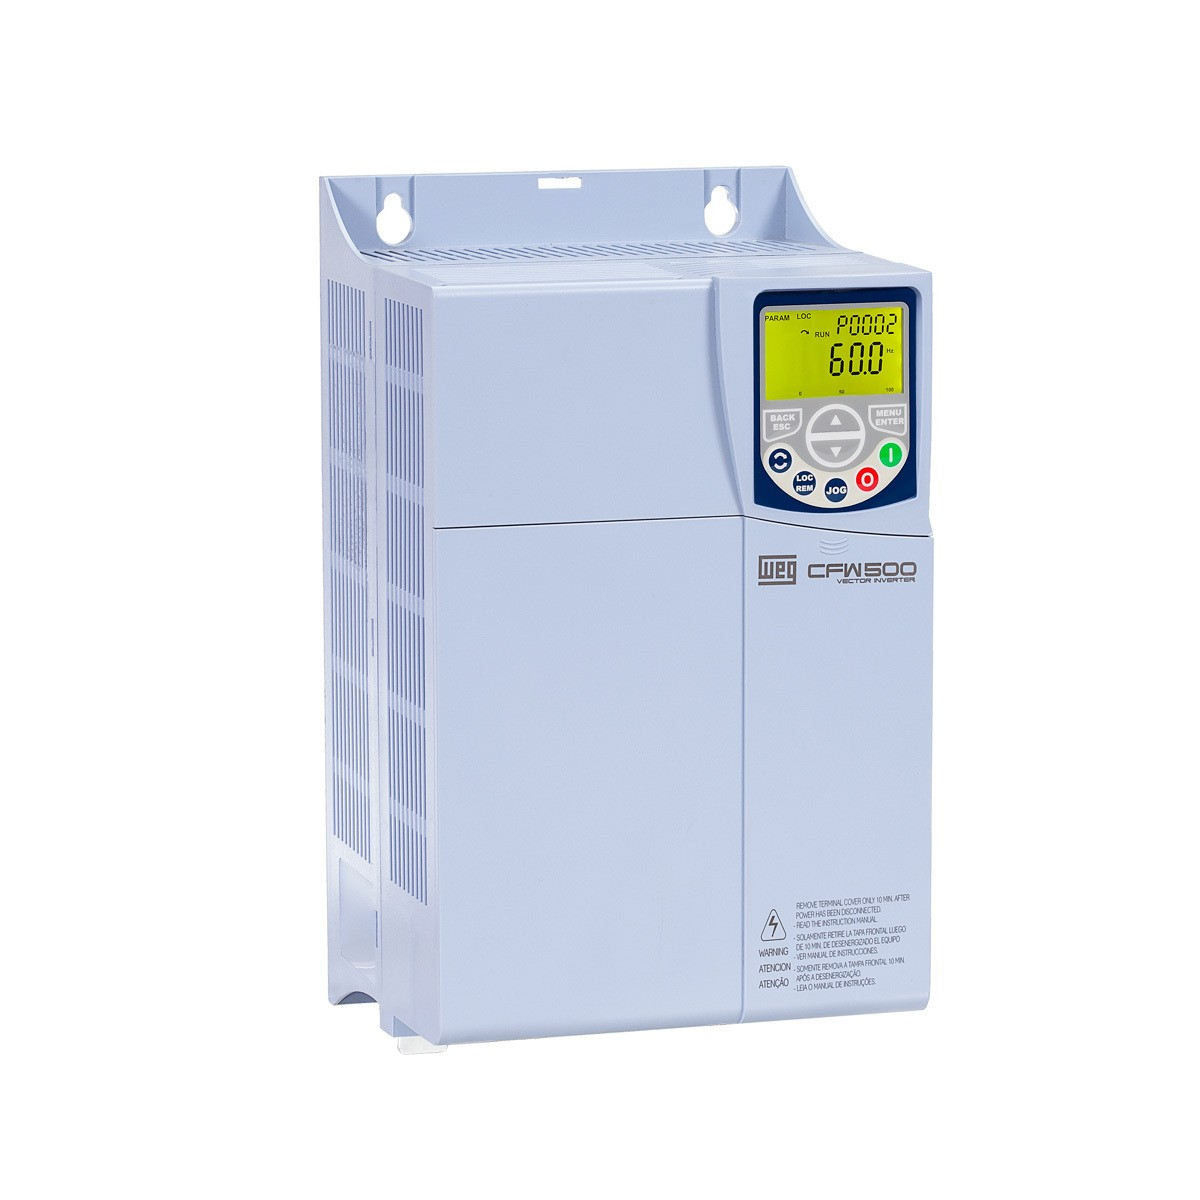 Inversor de frequência Weg CFW500 Entrada 380V 15CV 24A